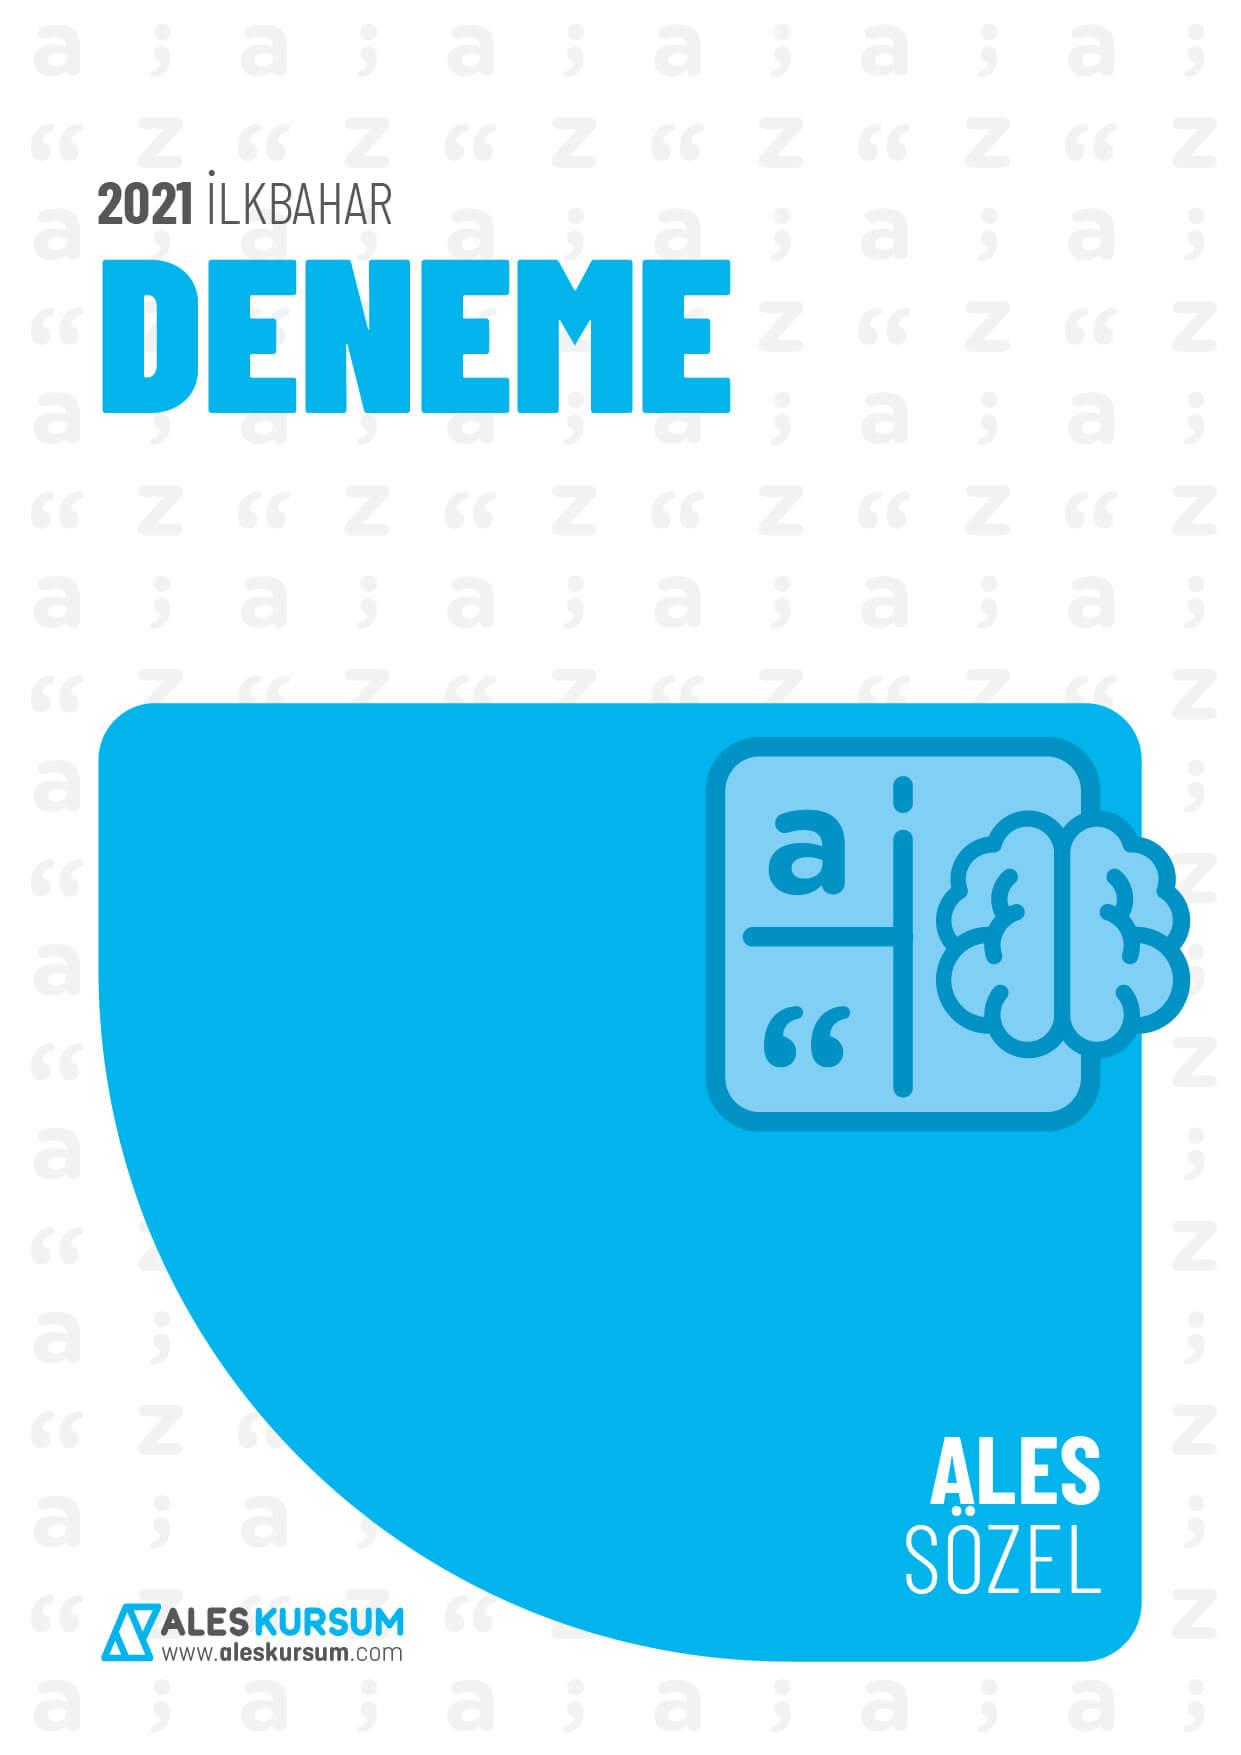 2021 İlkbahar ALES Sözel Deneme Ders Notu